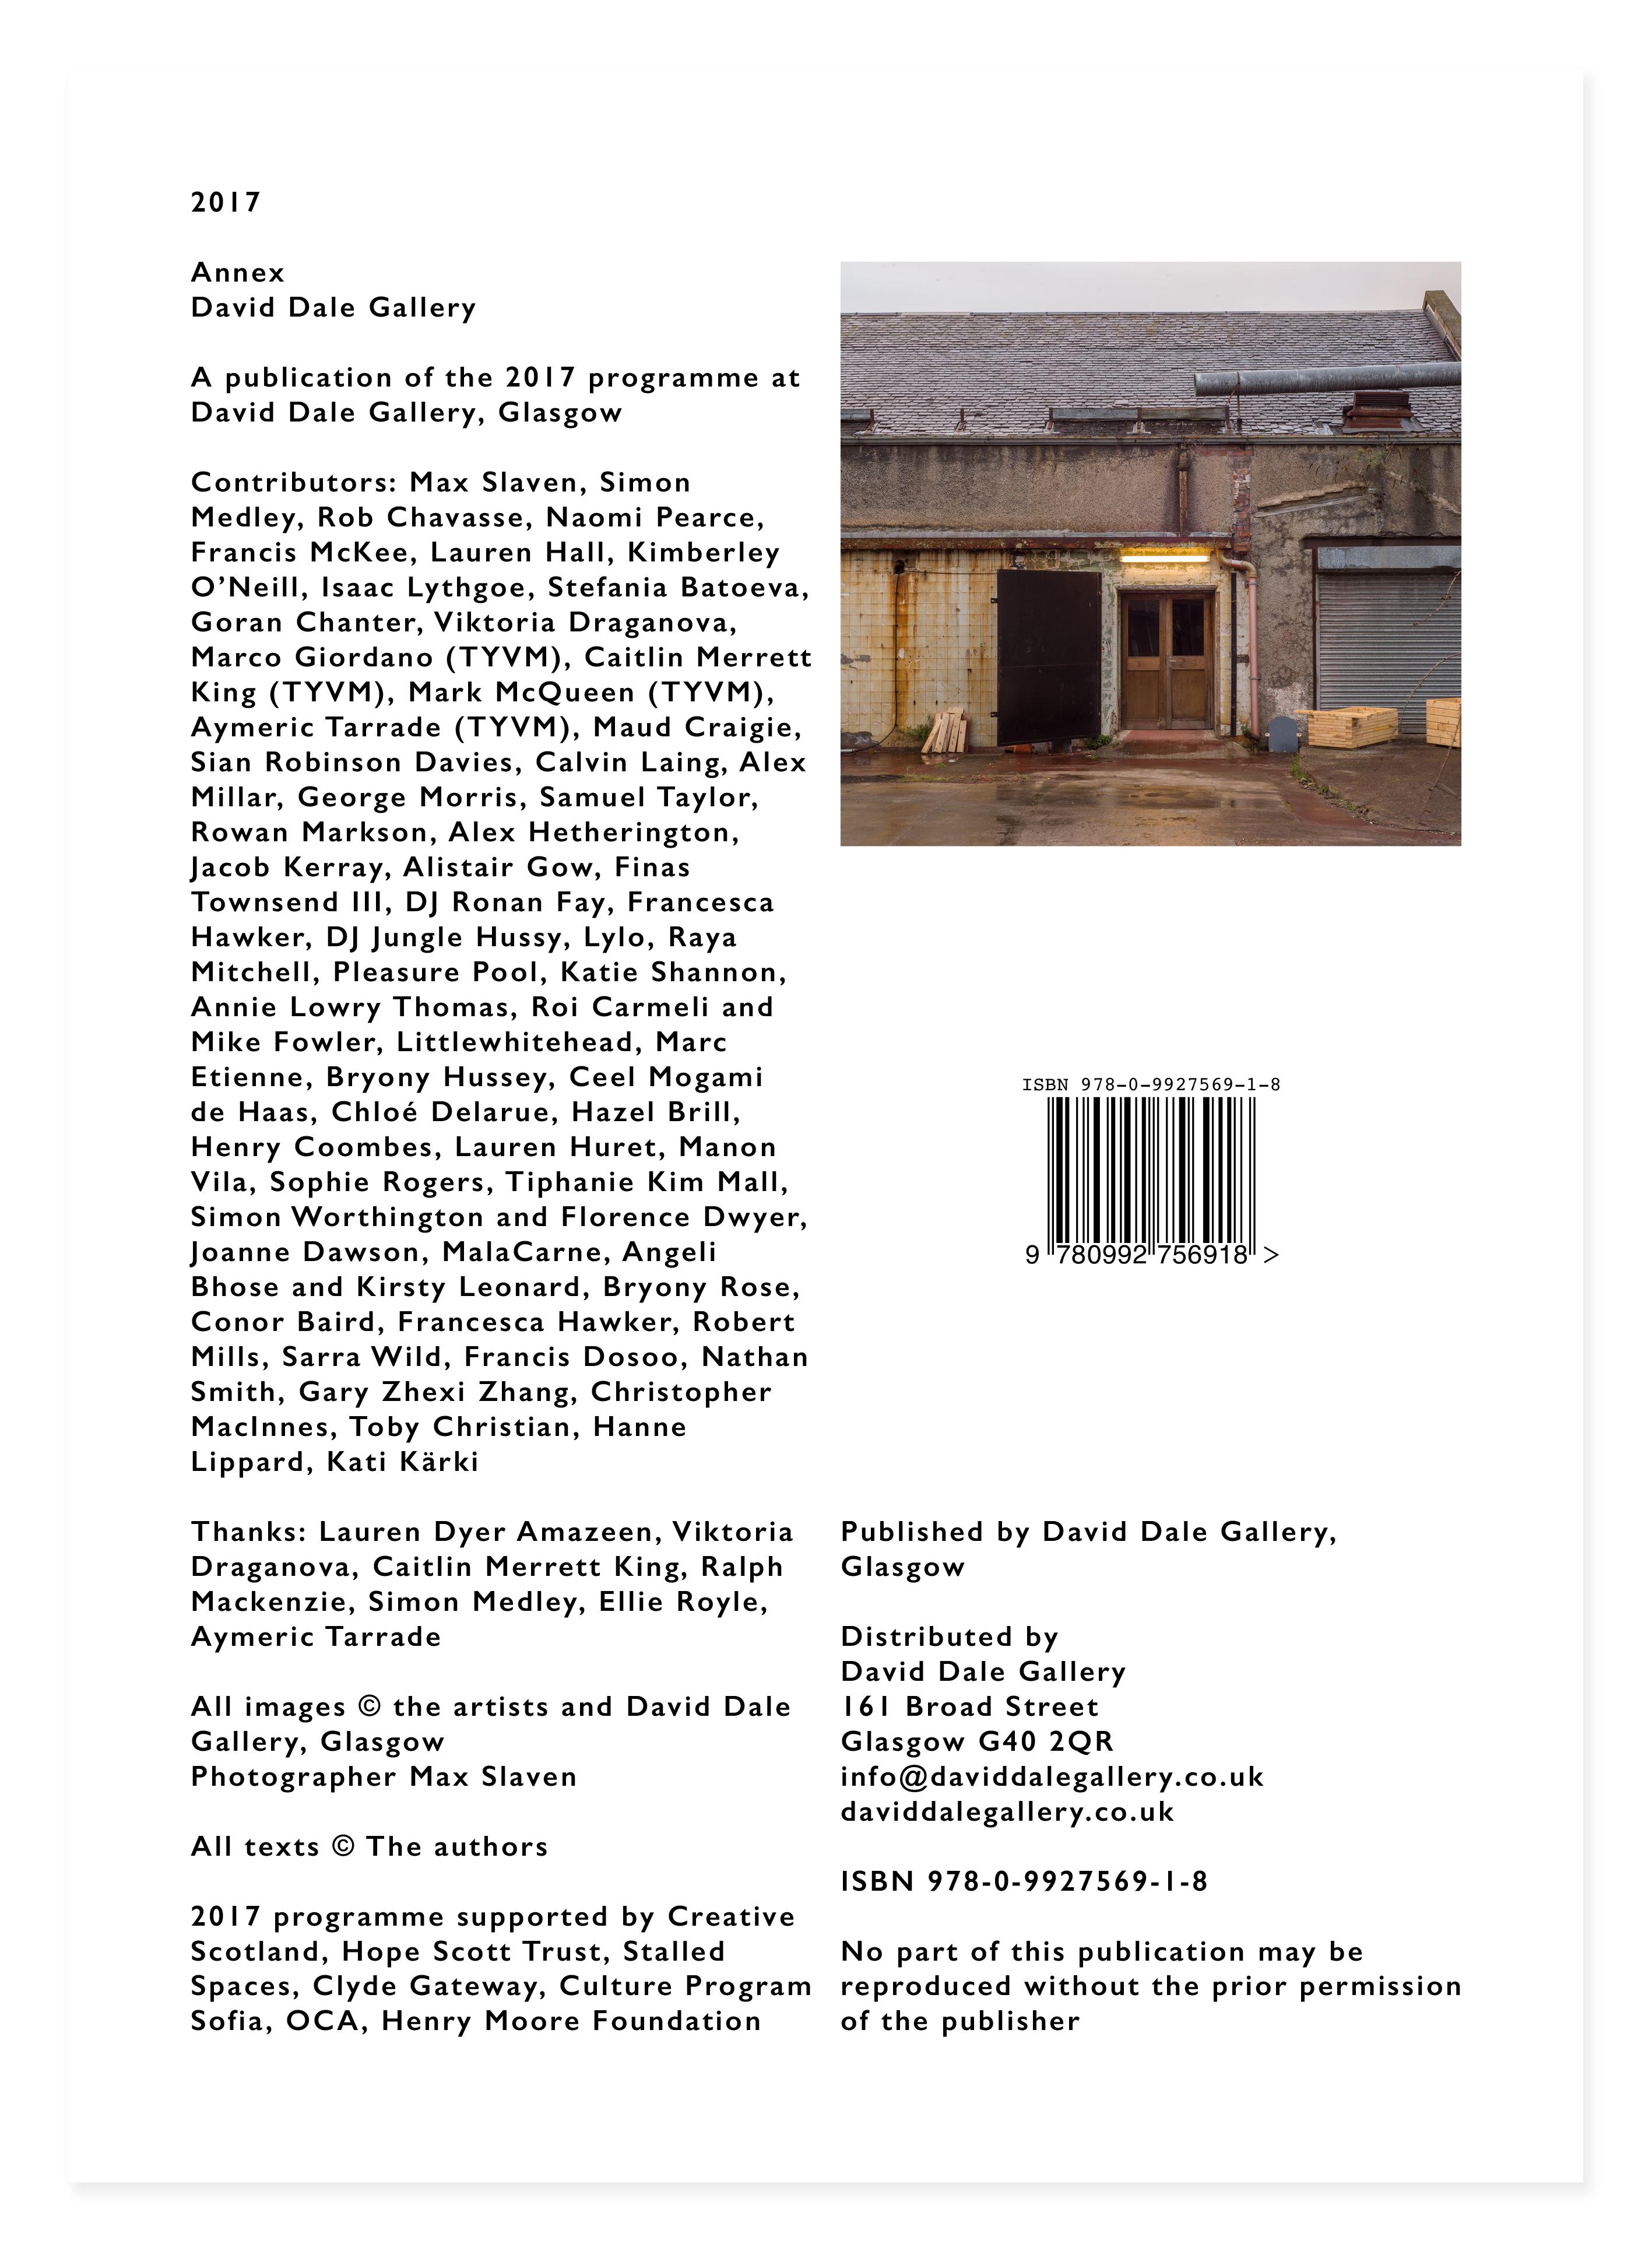 Annex 2017 cover